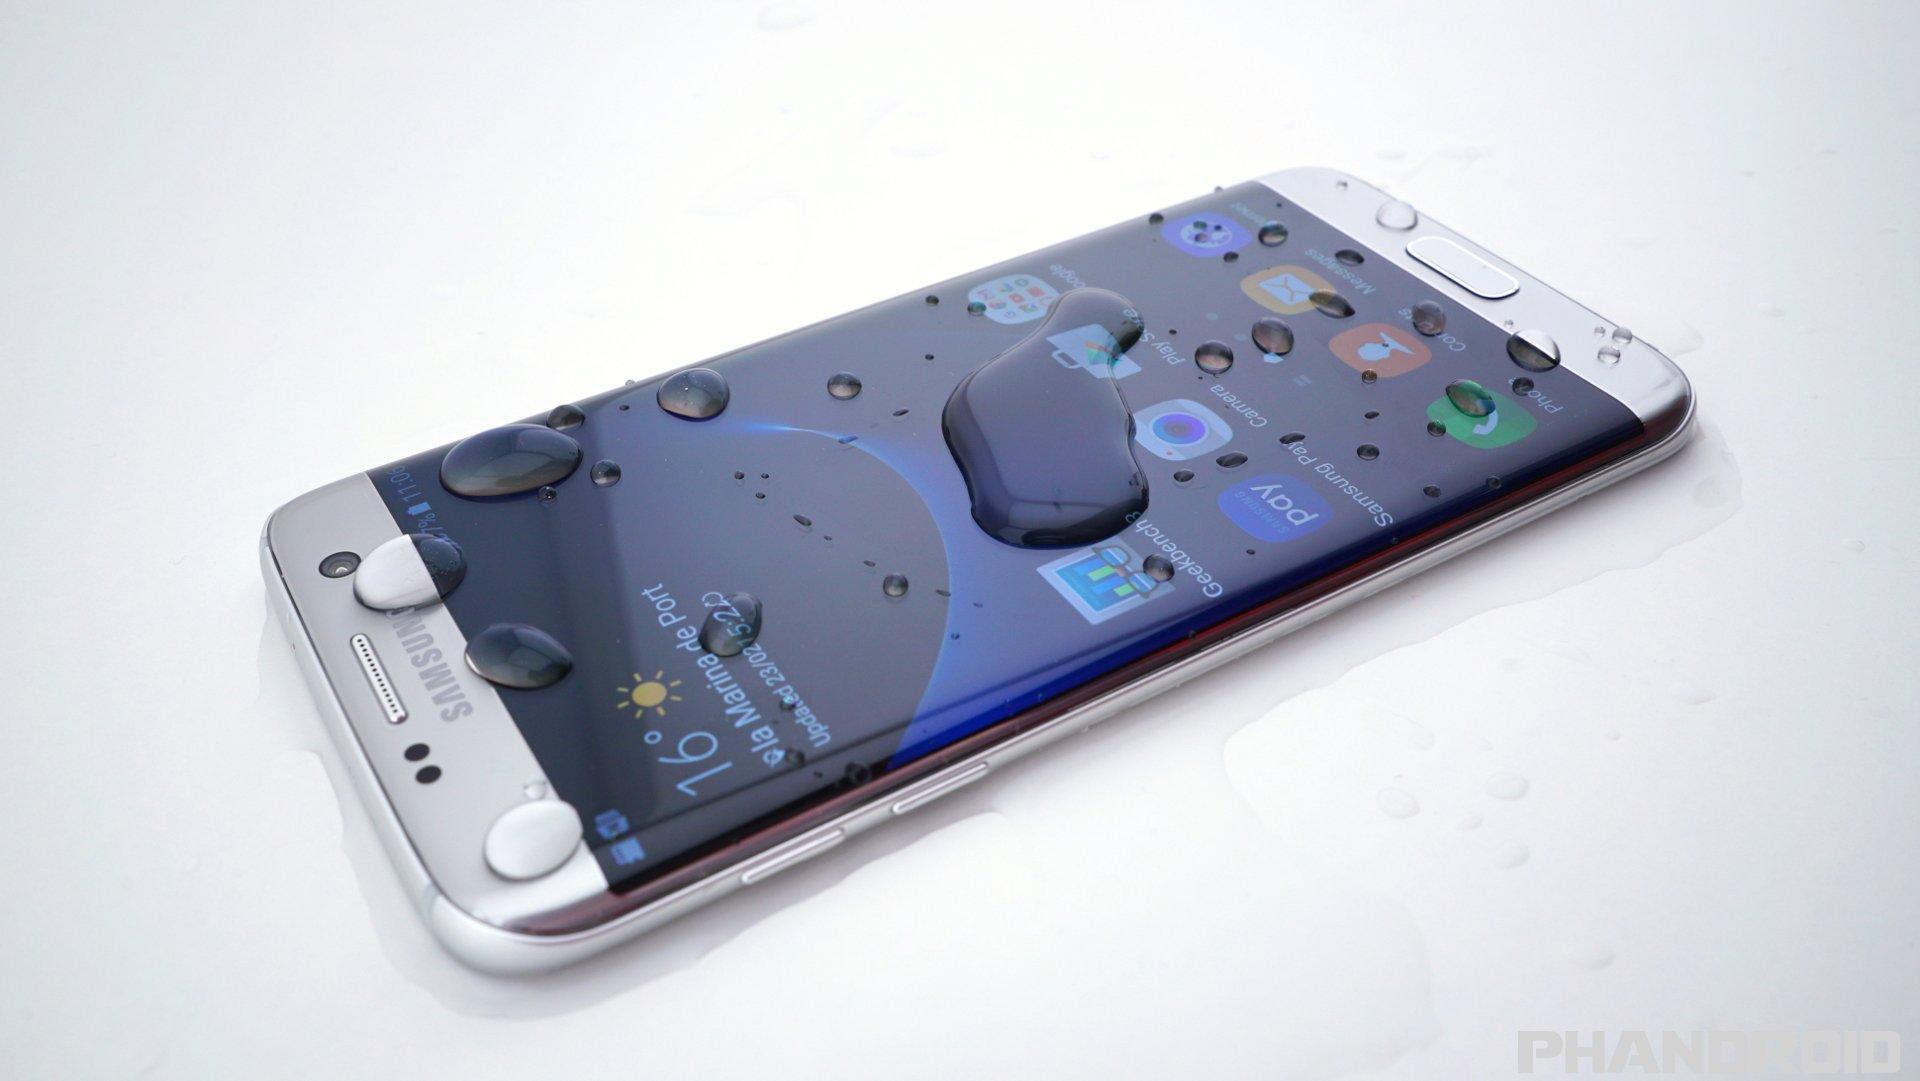 Gli smartphone Samsung del futuro potrebbero avere il display super-idrofobico